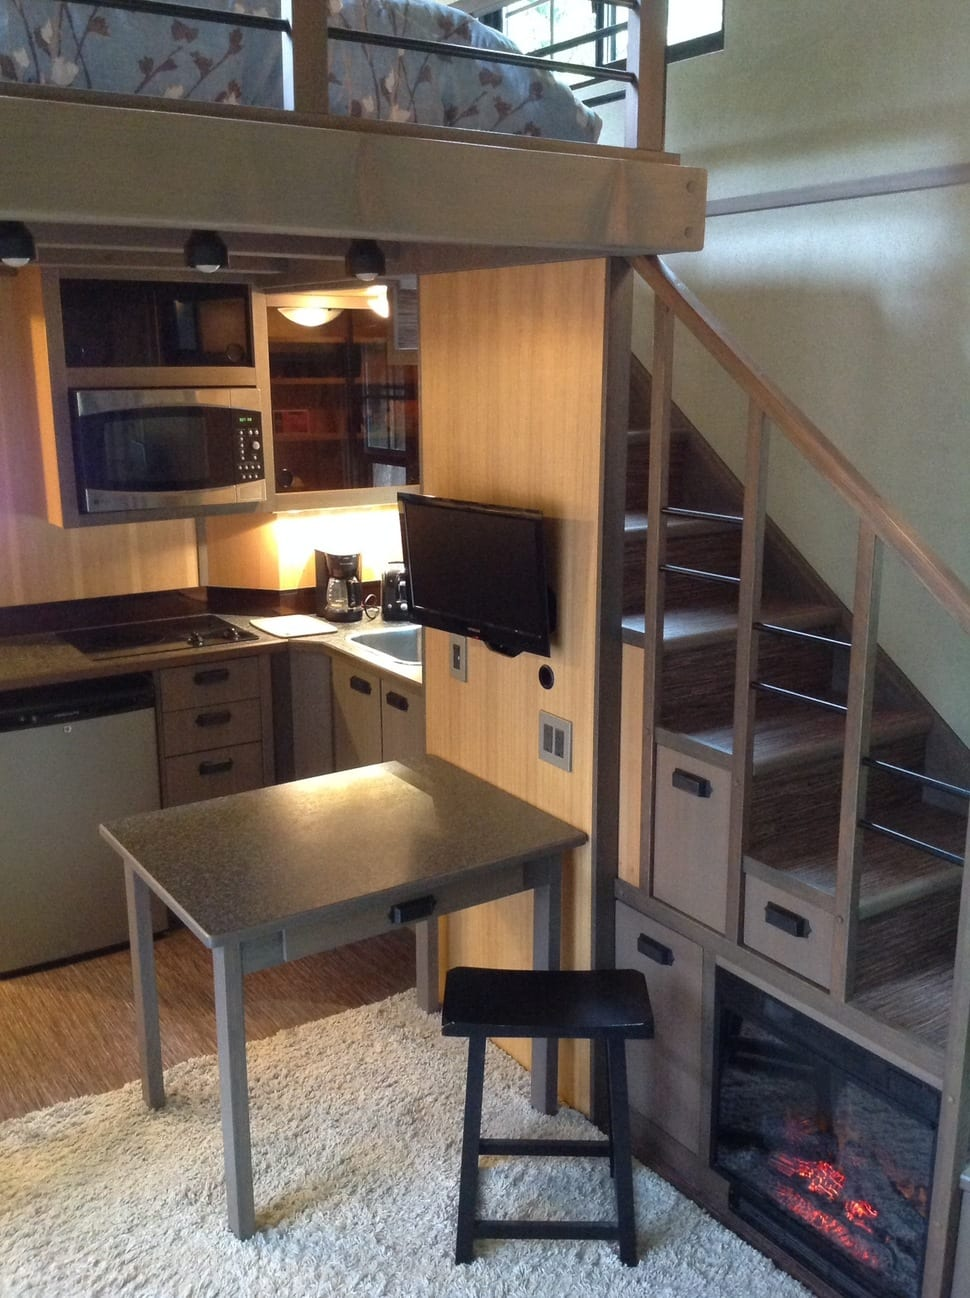 Stunning Haus Einrichten Ideen With Kleines Haus Einrichten